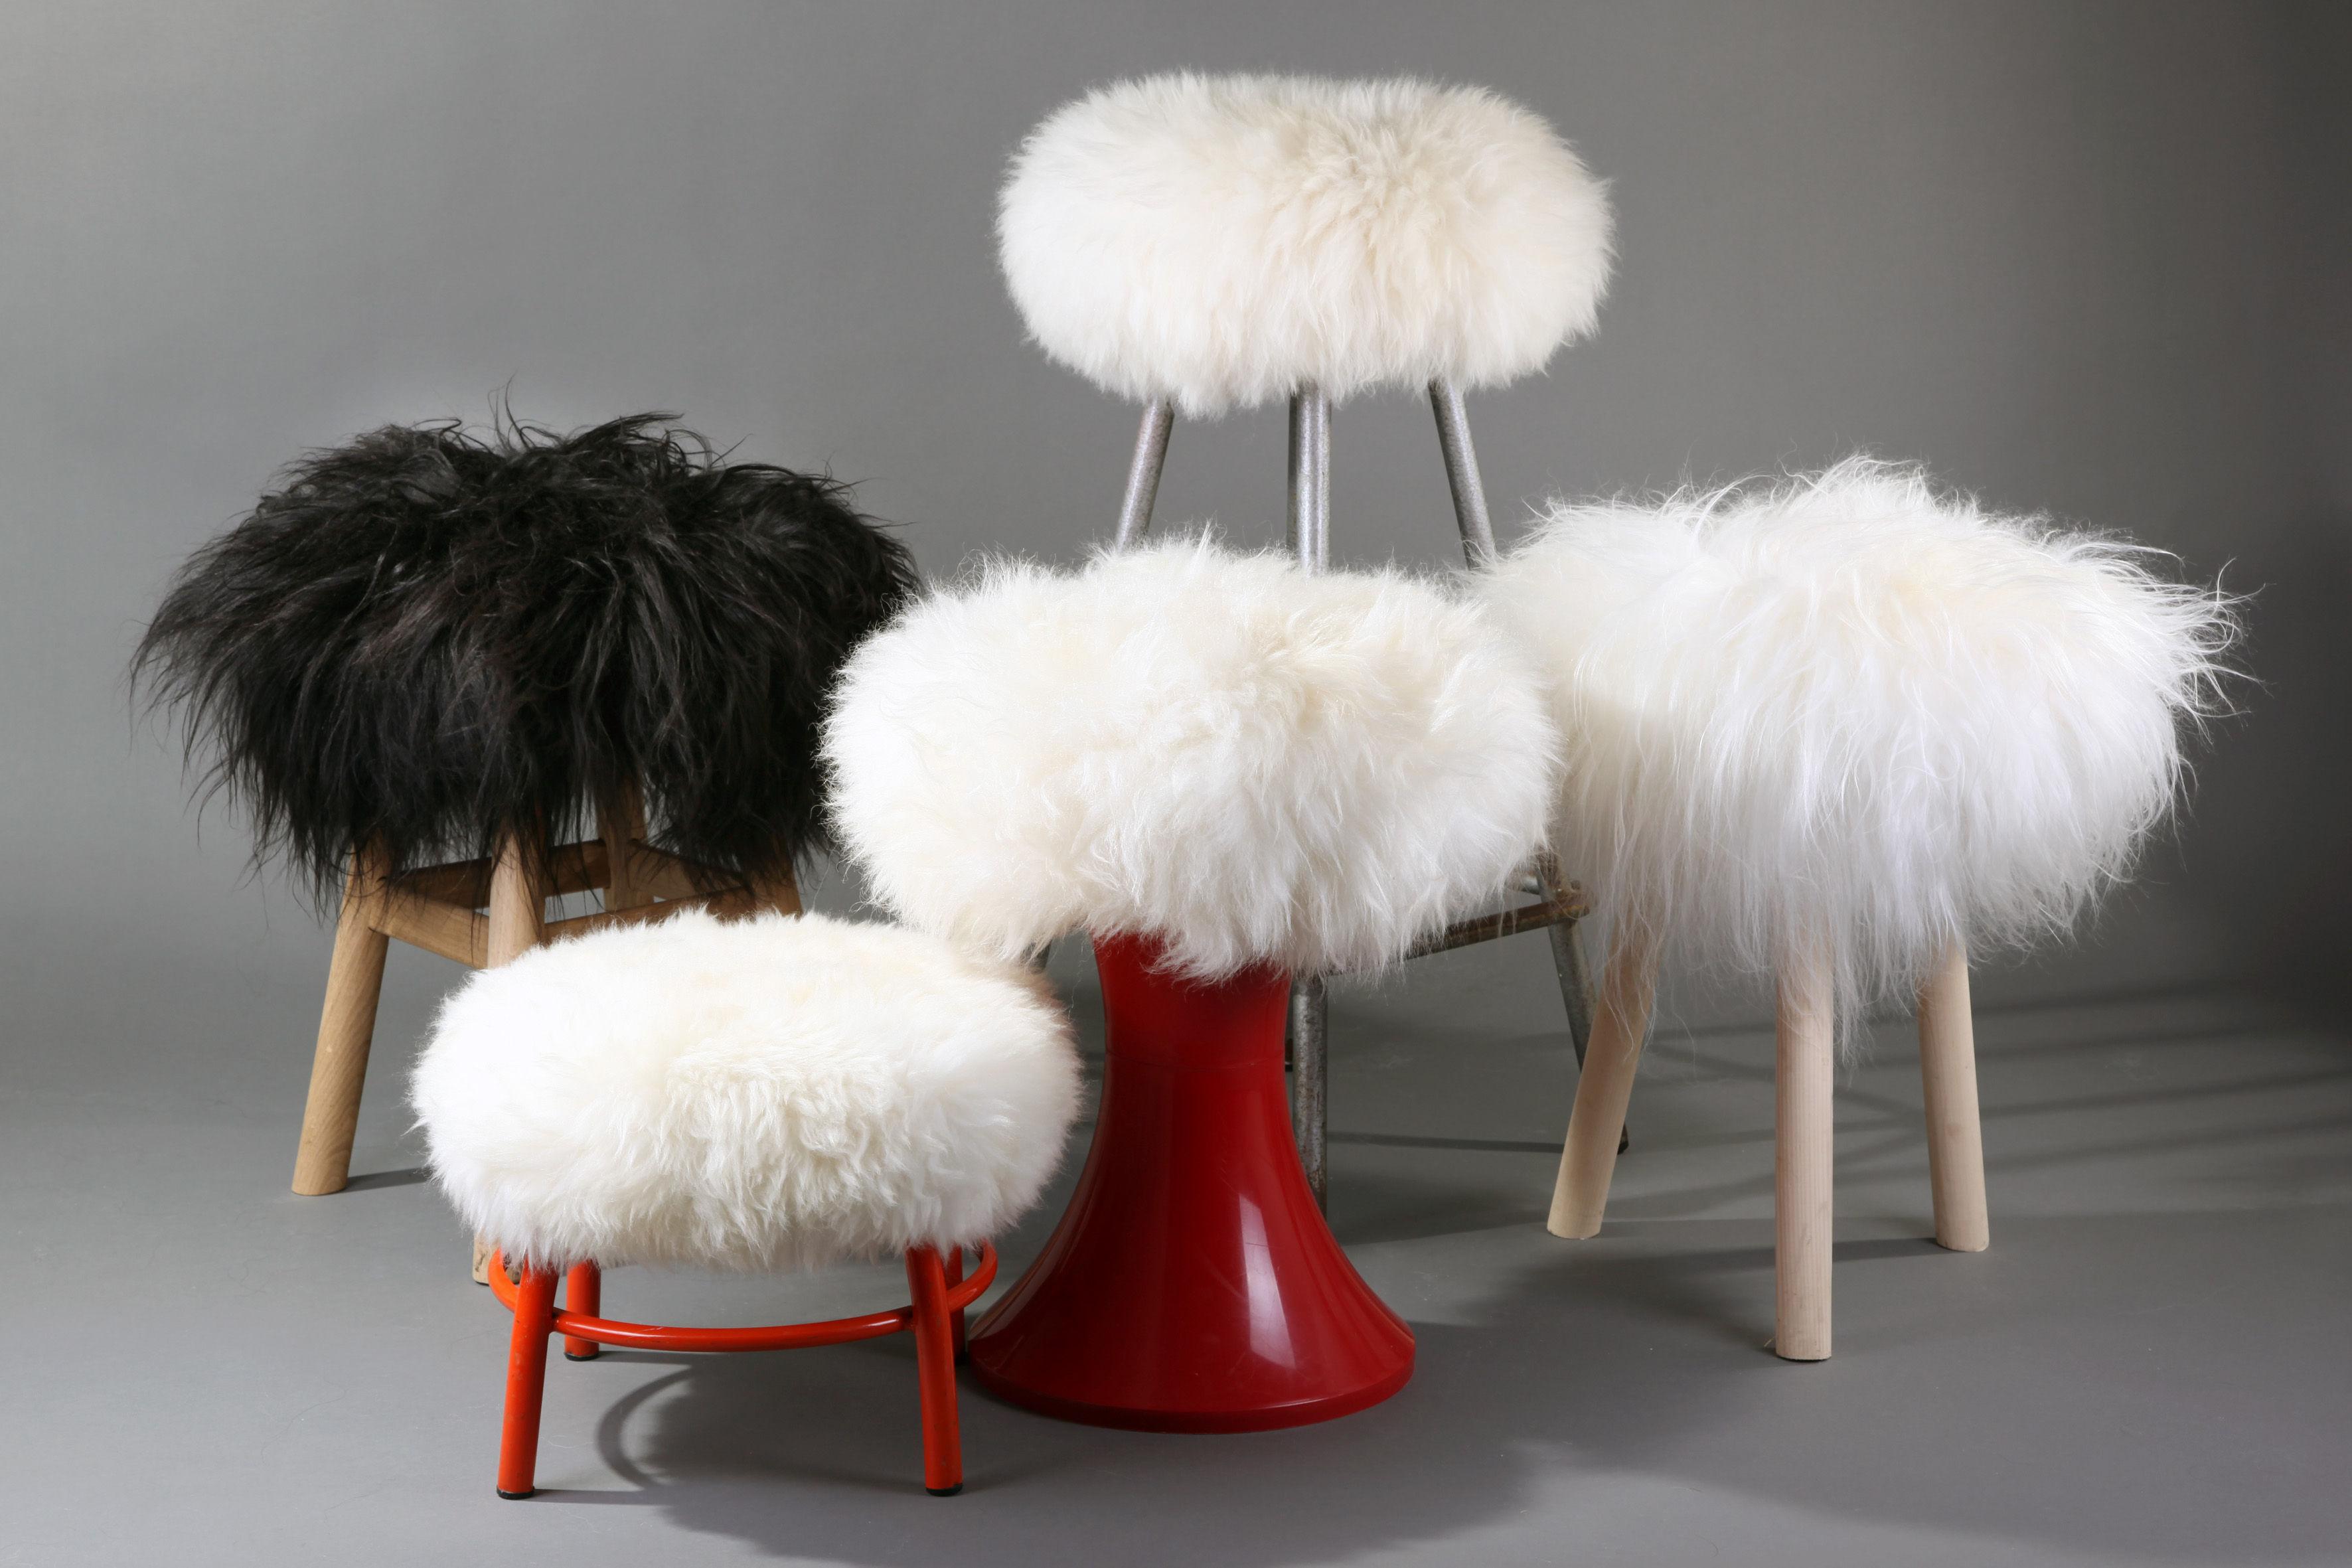 housse de tabouret top moumoute peau de mouton v ritable poils longs blanc fab design. Black Bedroom Furniture Sets. Home Design Ideas